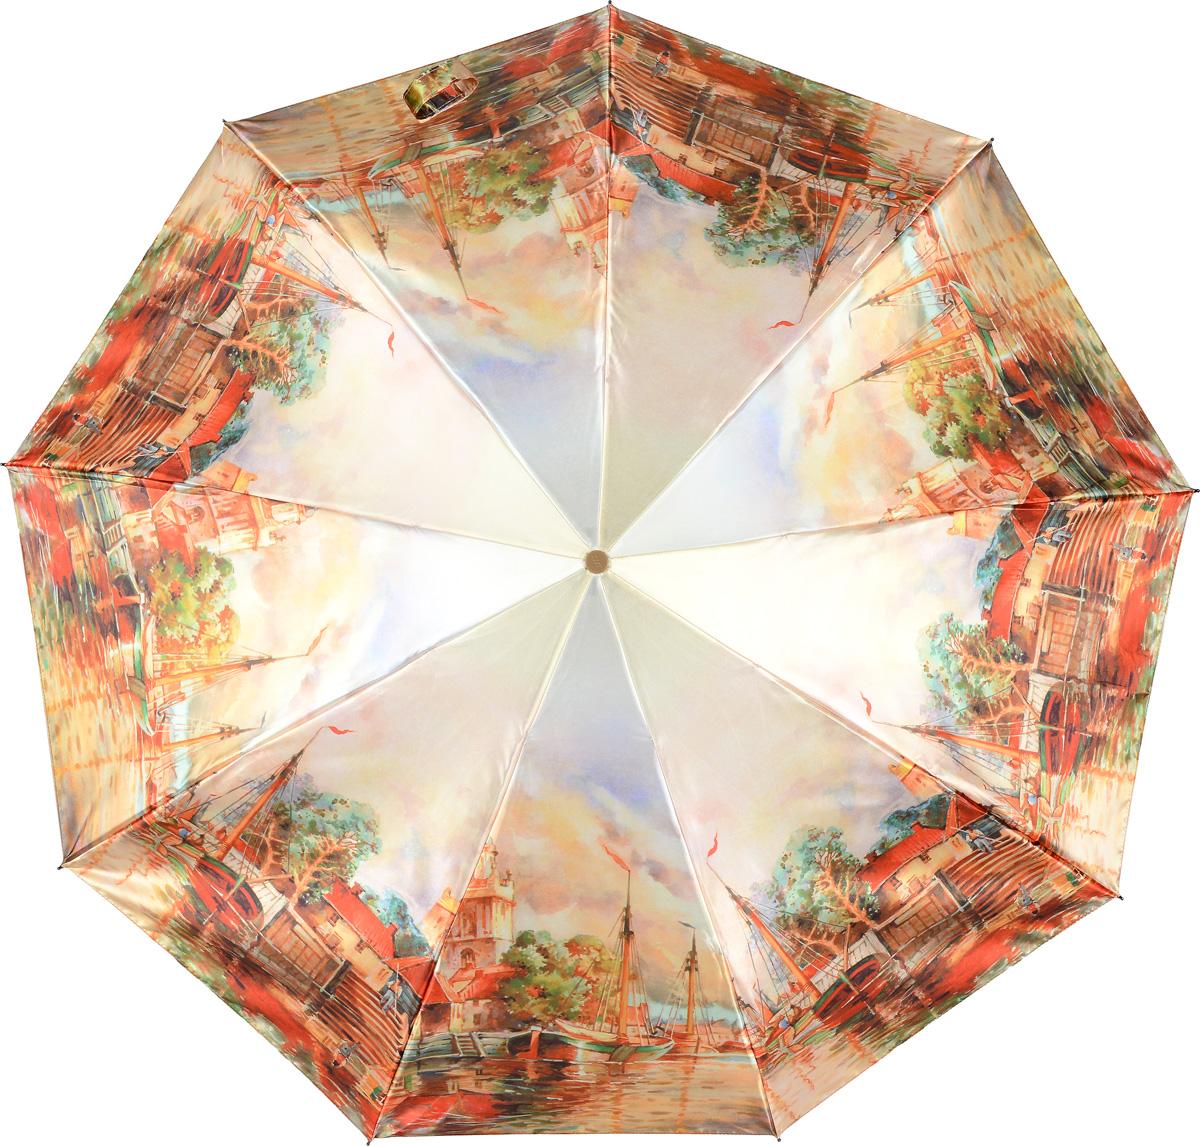 Зонт женский Zest, цвет: светло-бежевый, красный, зеленый. 23944-305423944-3054Женский зонт Zest в 3 сложения изготовлен из сатина. Модель зонта выполнена в механизме - полный автомат, оснащена системой Антиветер, которая позволяет спицам при порывах ветра выгибаться наизнанку и при этом не ломаться. В закрытом виде застегивается хлястиком на липучке. Удобная ручка выполнена из пластика. Модель оформлена оригинальным принтом.